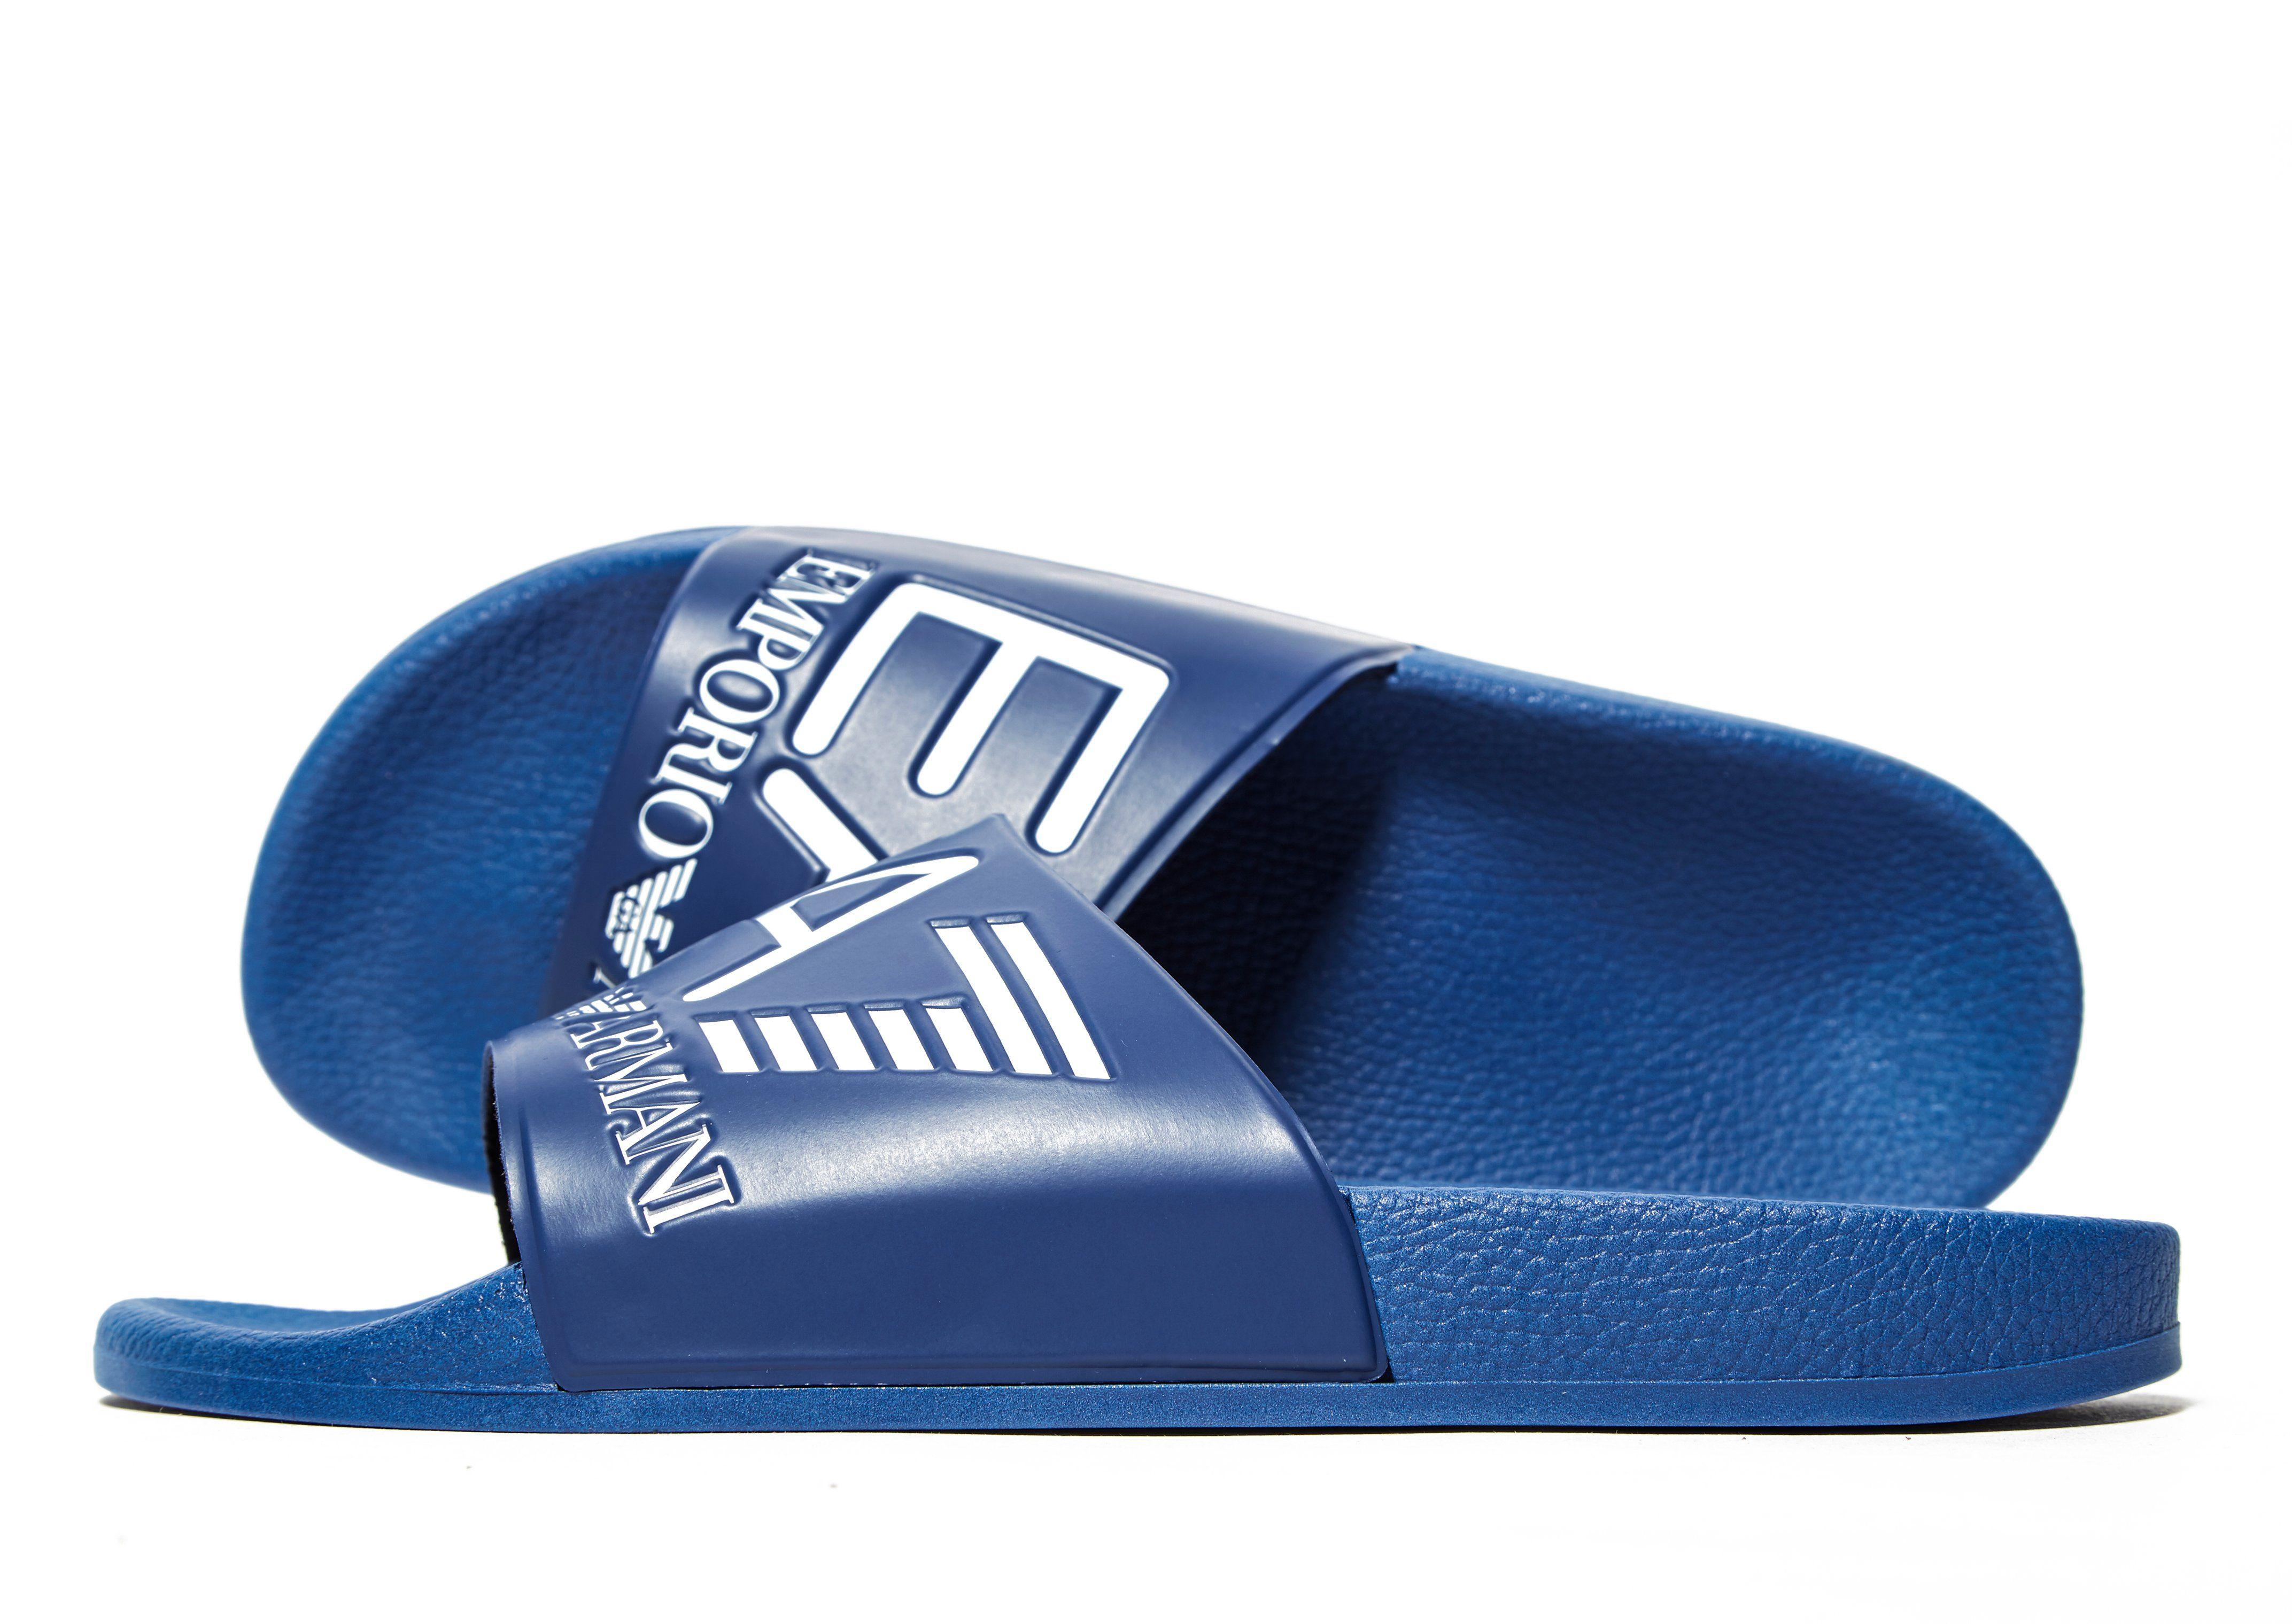 a464a5f342de Emporio Armani EA7 Sea World Slides